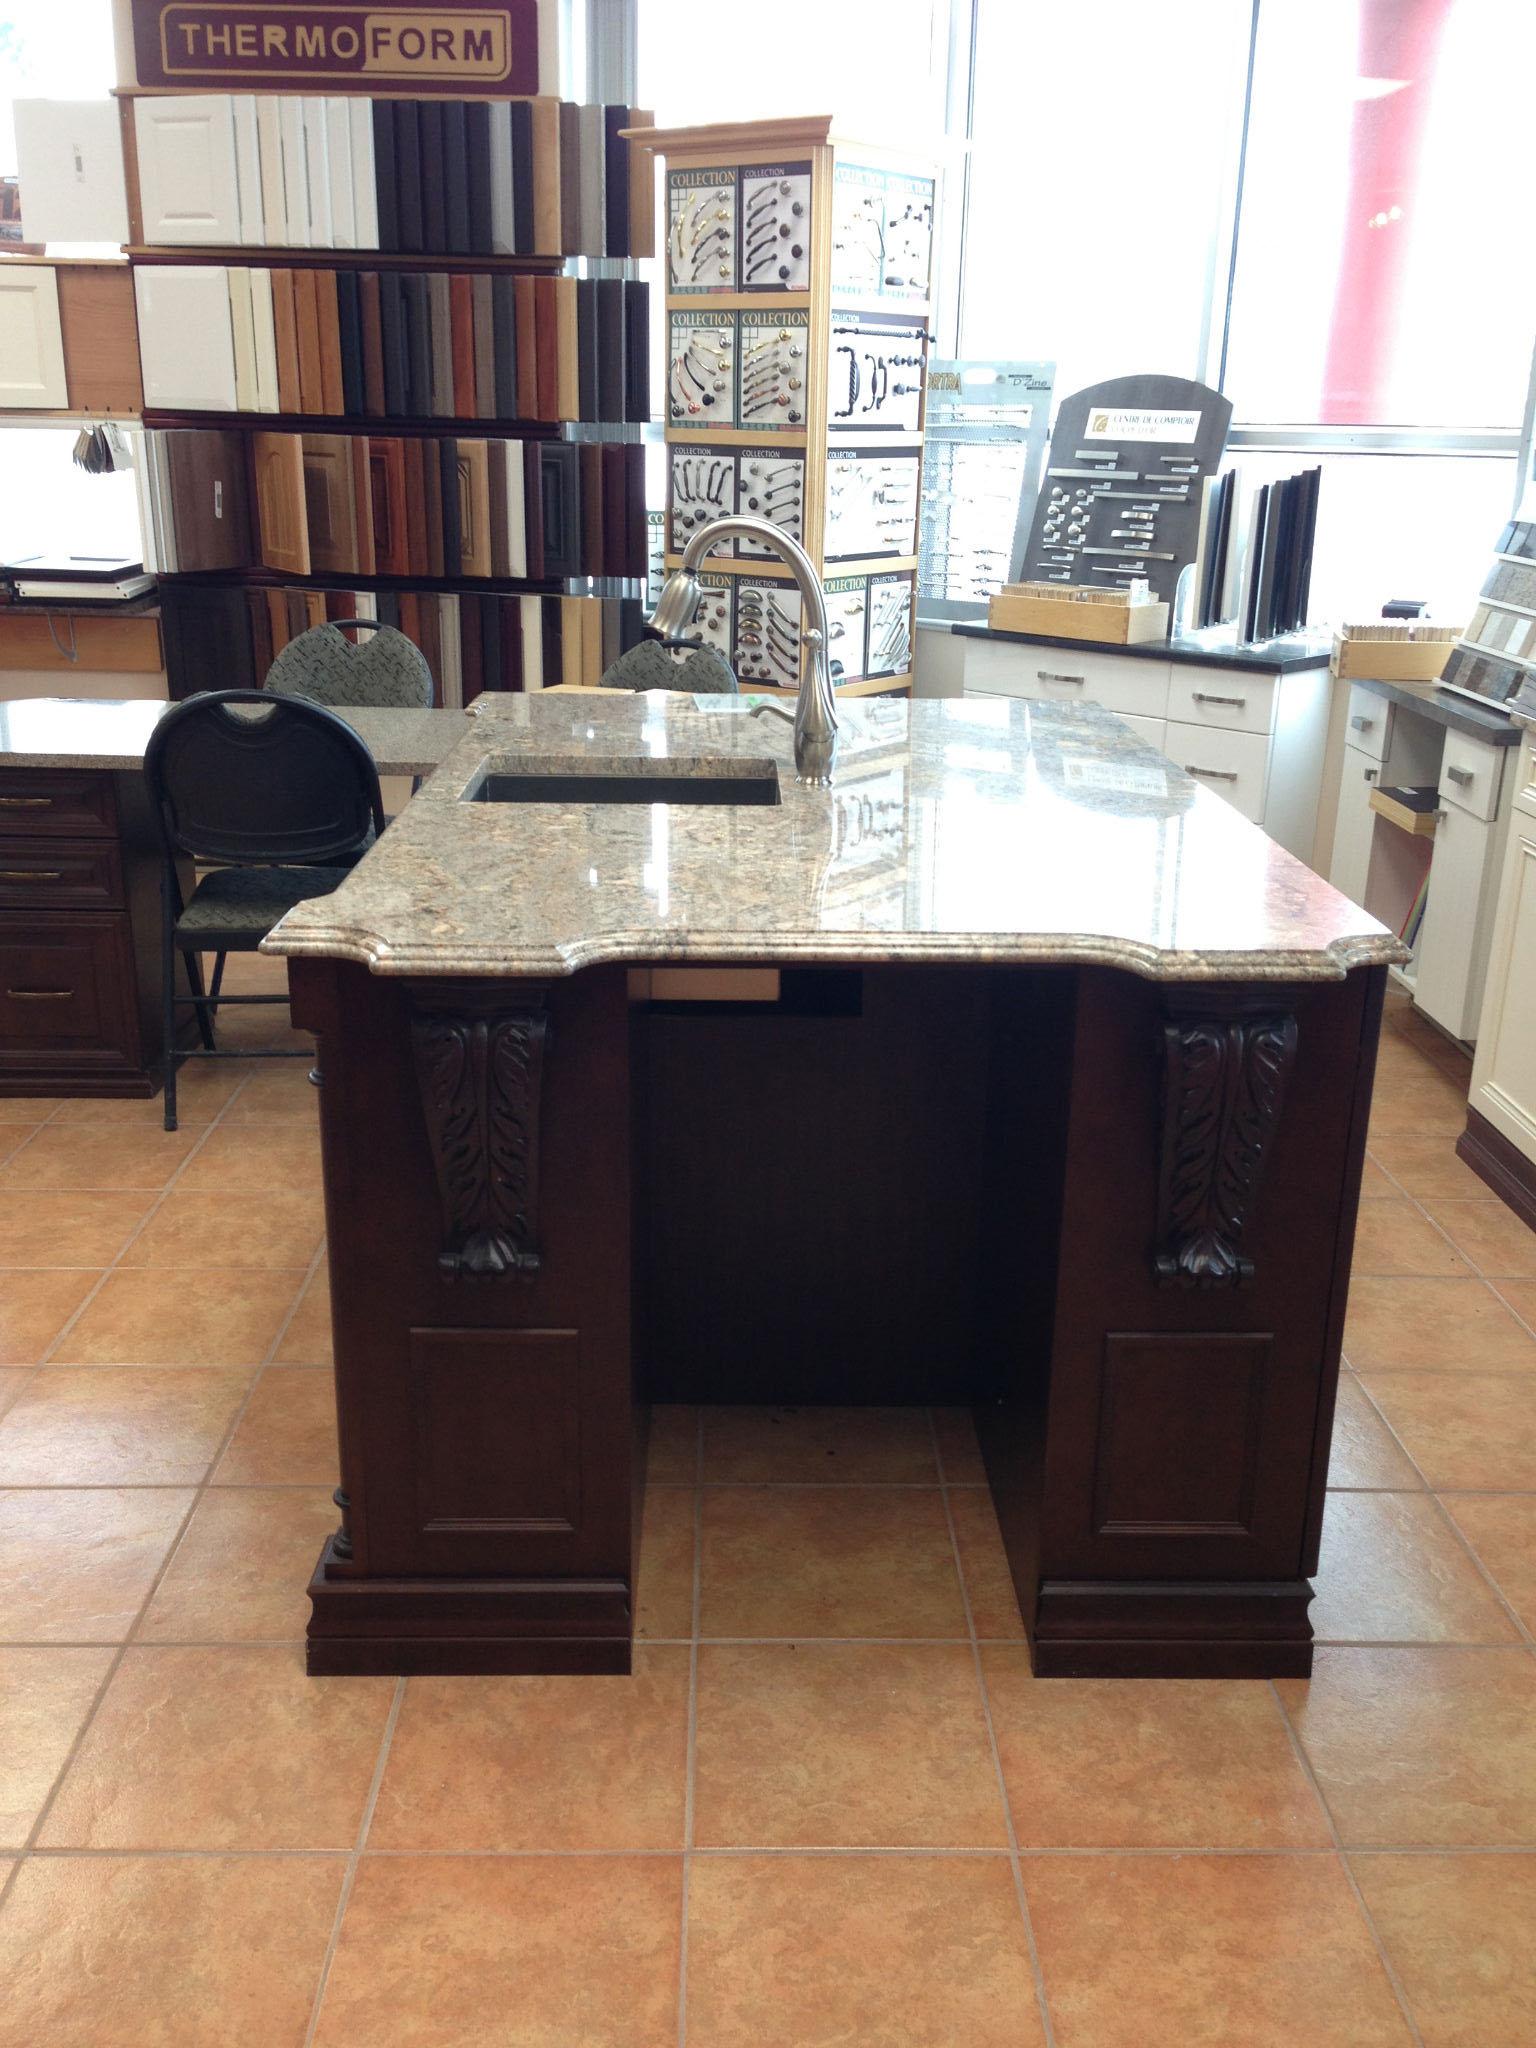 Comptoir cuisine quartz salle de bain longueuil boucherville brossard saint bruno sainte julie - Comptoir pour cuisine ...